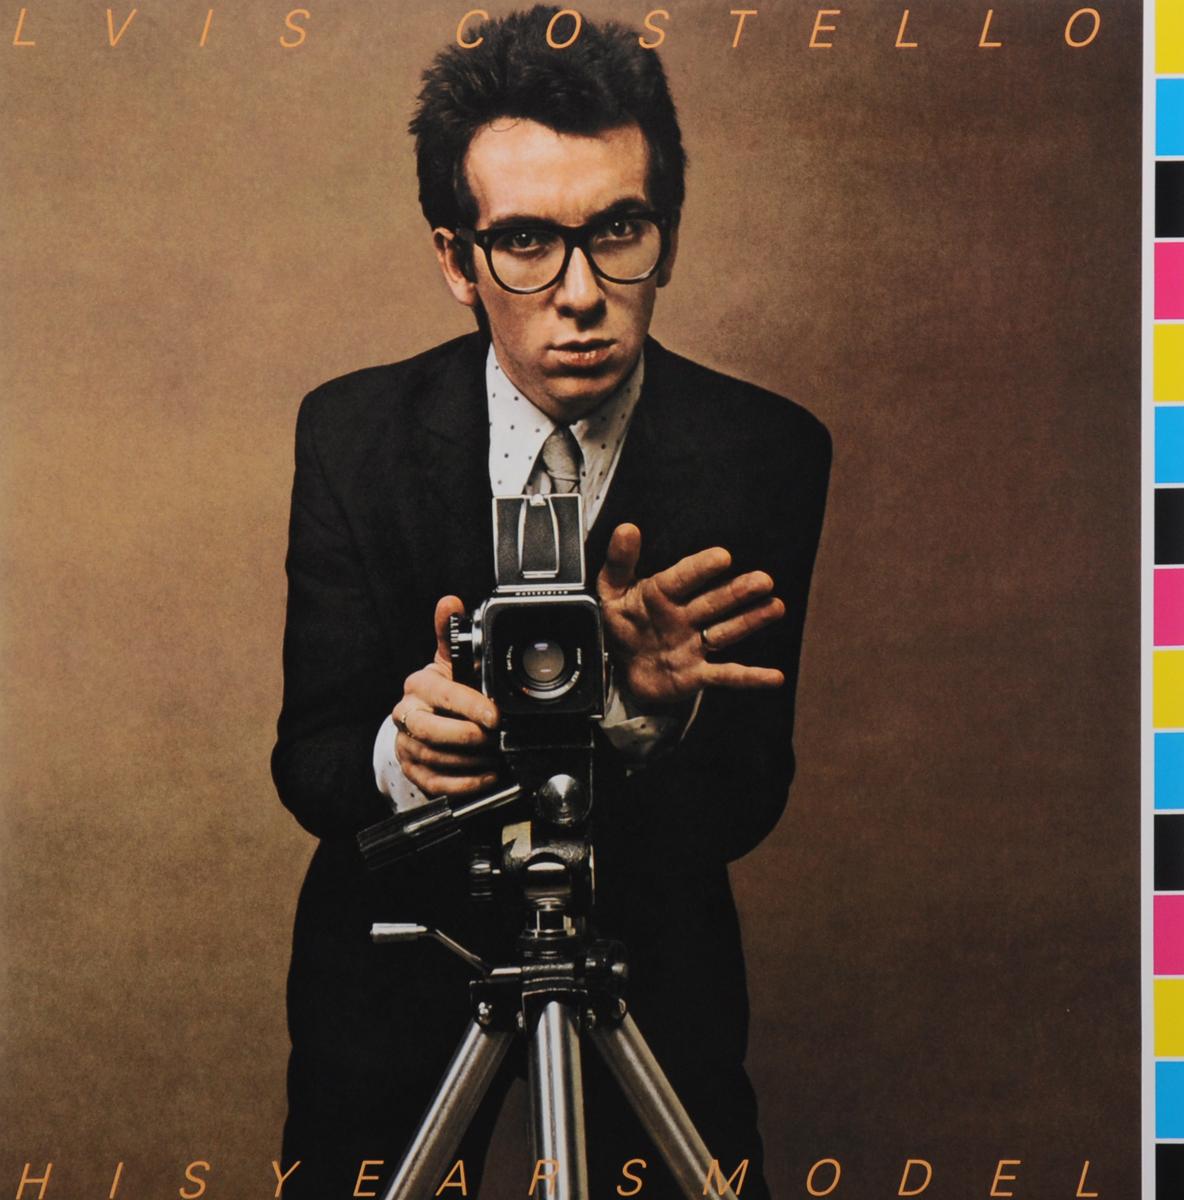 Элвис Костелло Elvis Costello. This Year's Model (LP) элвис костелло the attractions elvis costello and the attractions ibmepderoloaml lp